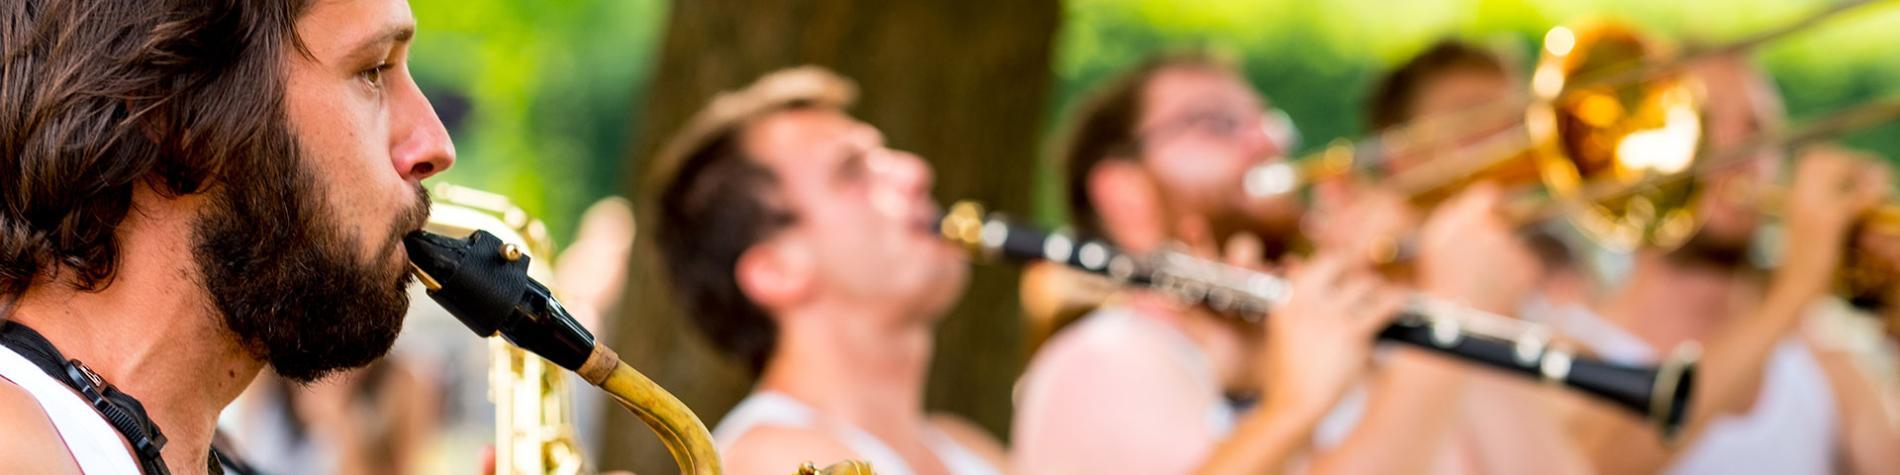 Festival - Jazz - Saxophone - Trompette - parc